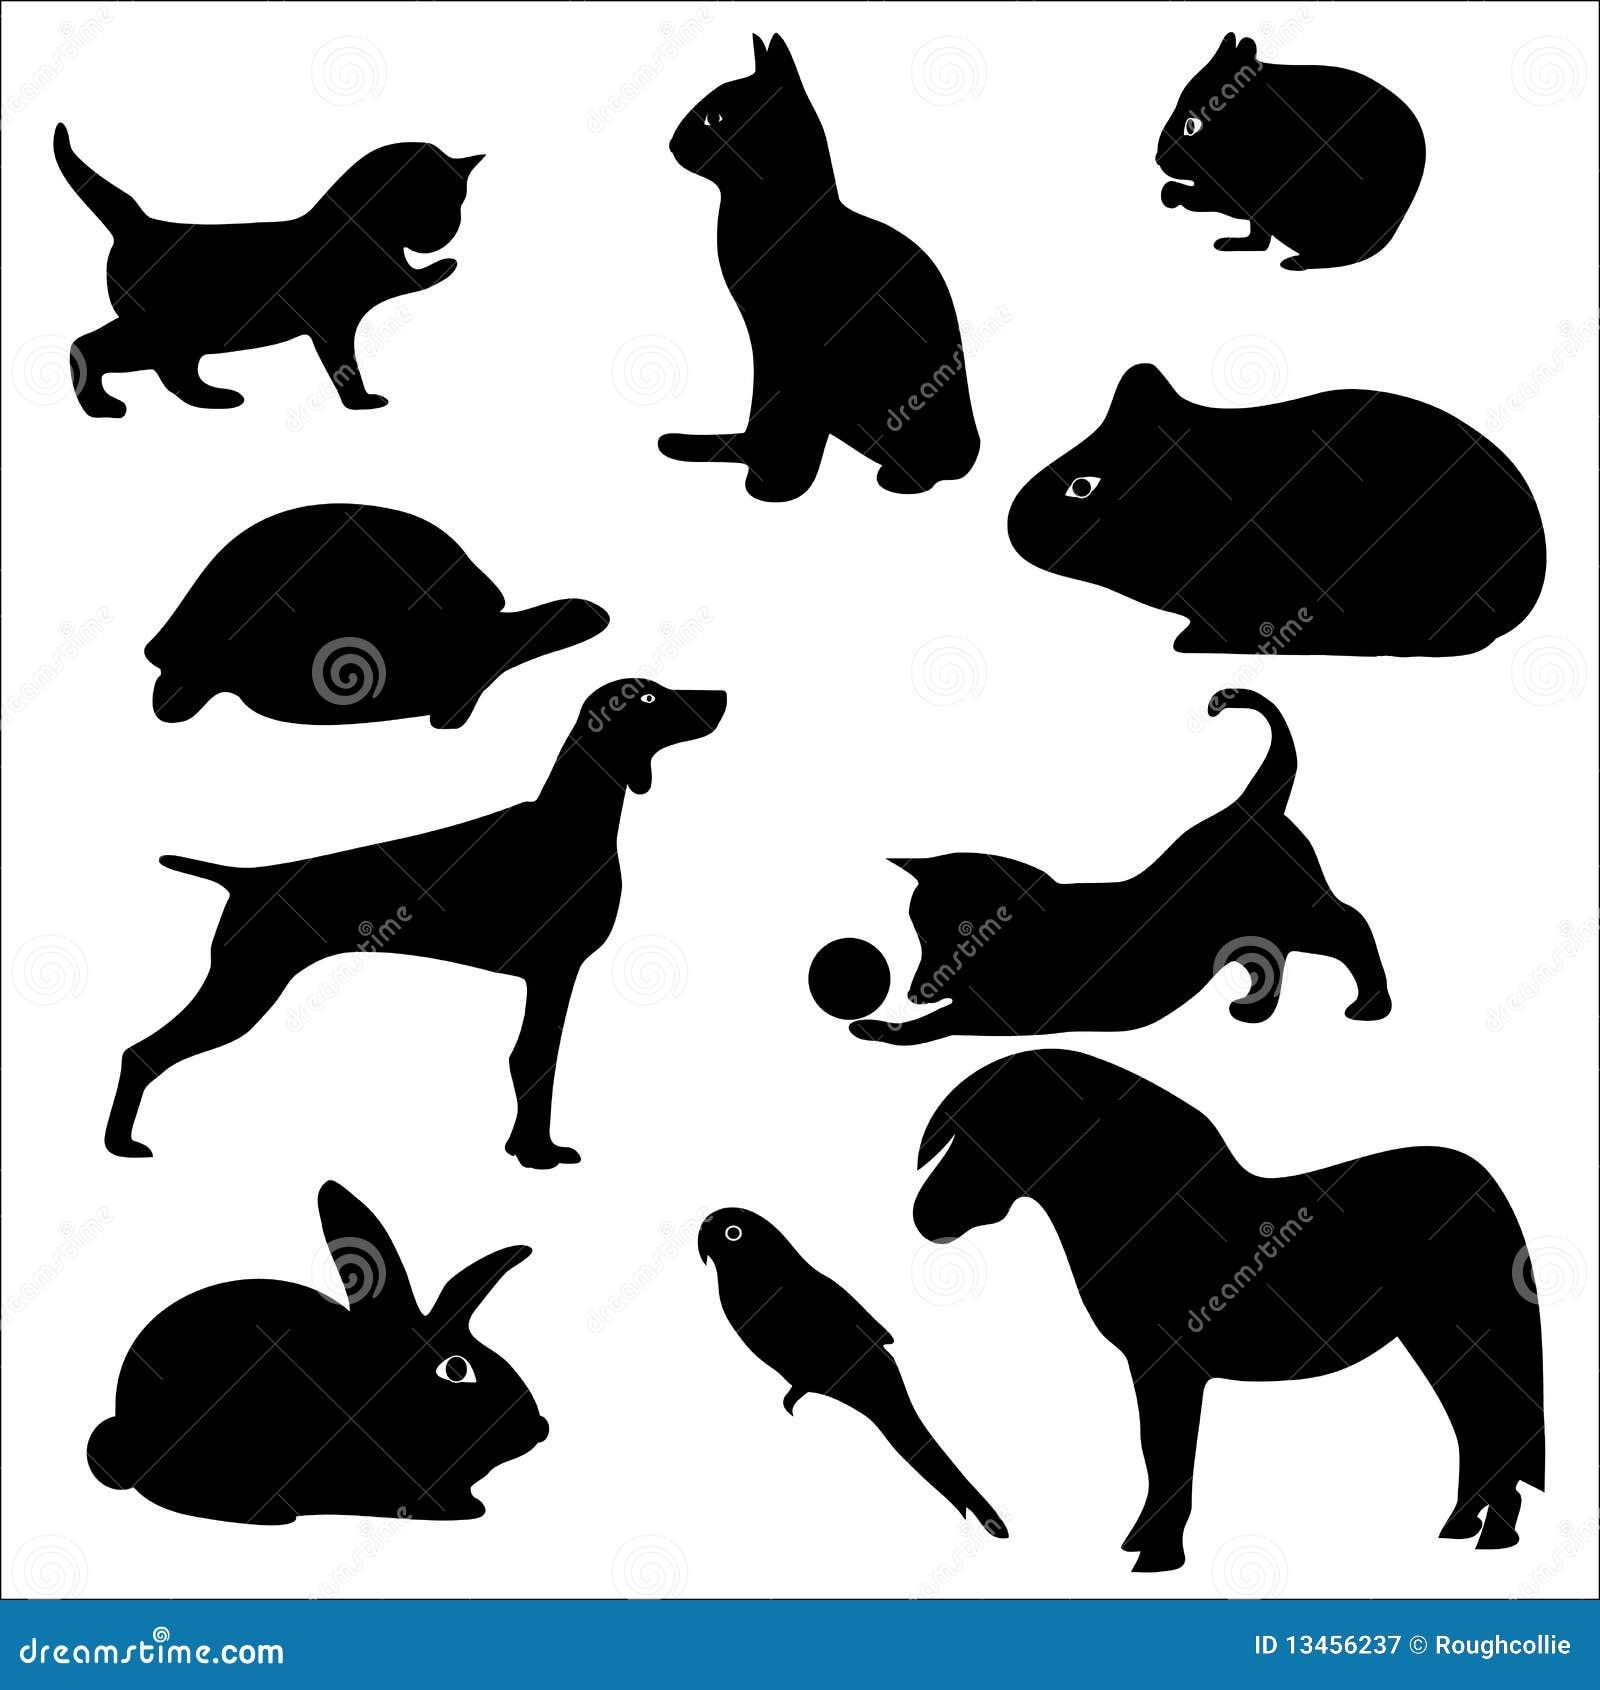 Pig Dog Photoshop Black And White